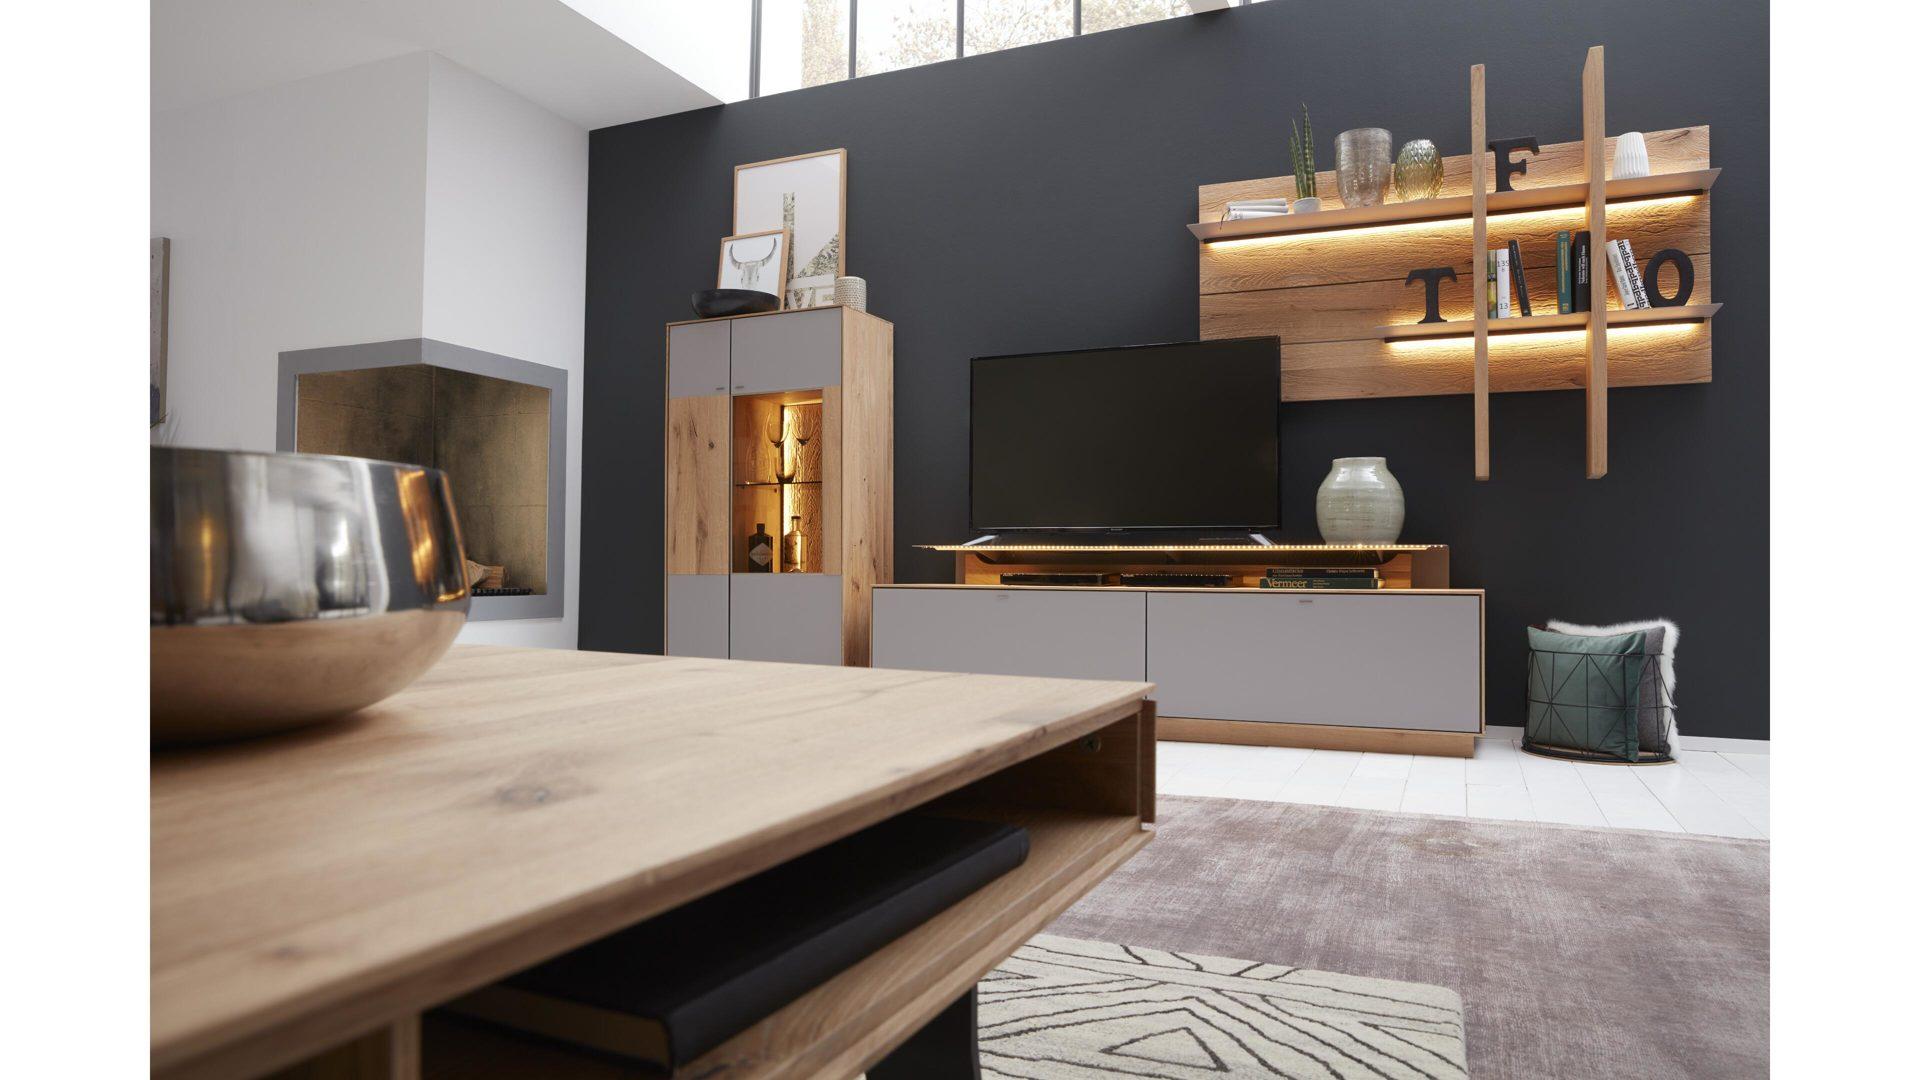 interliving wohnzimmer serie 2001 couchtisch geburstete kerneiche 360 ansicht